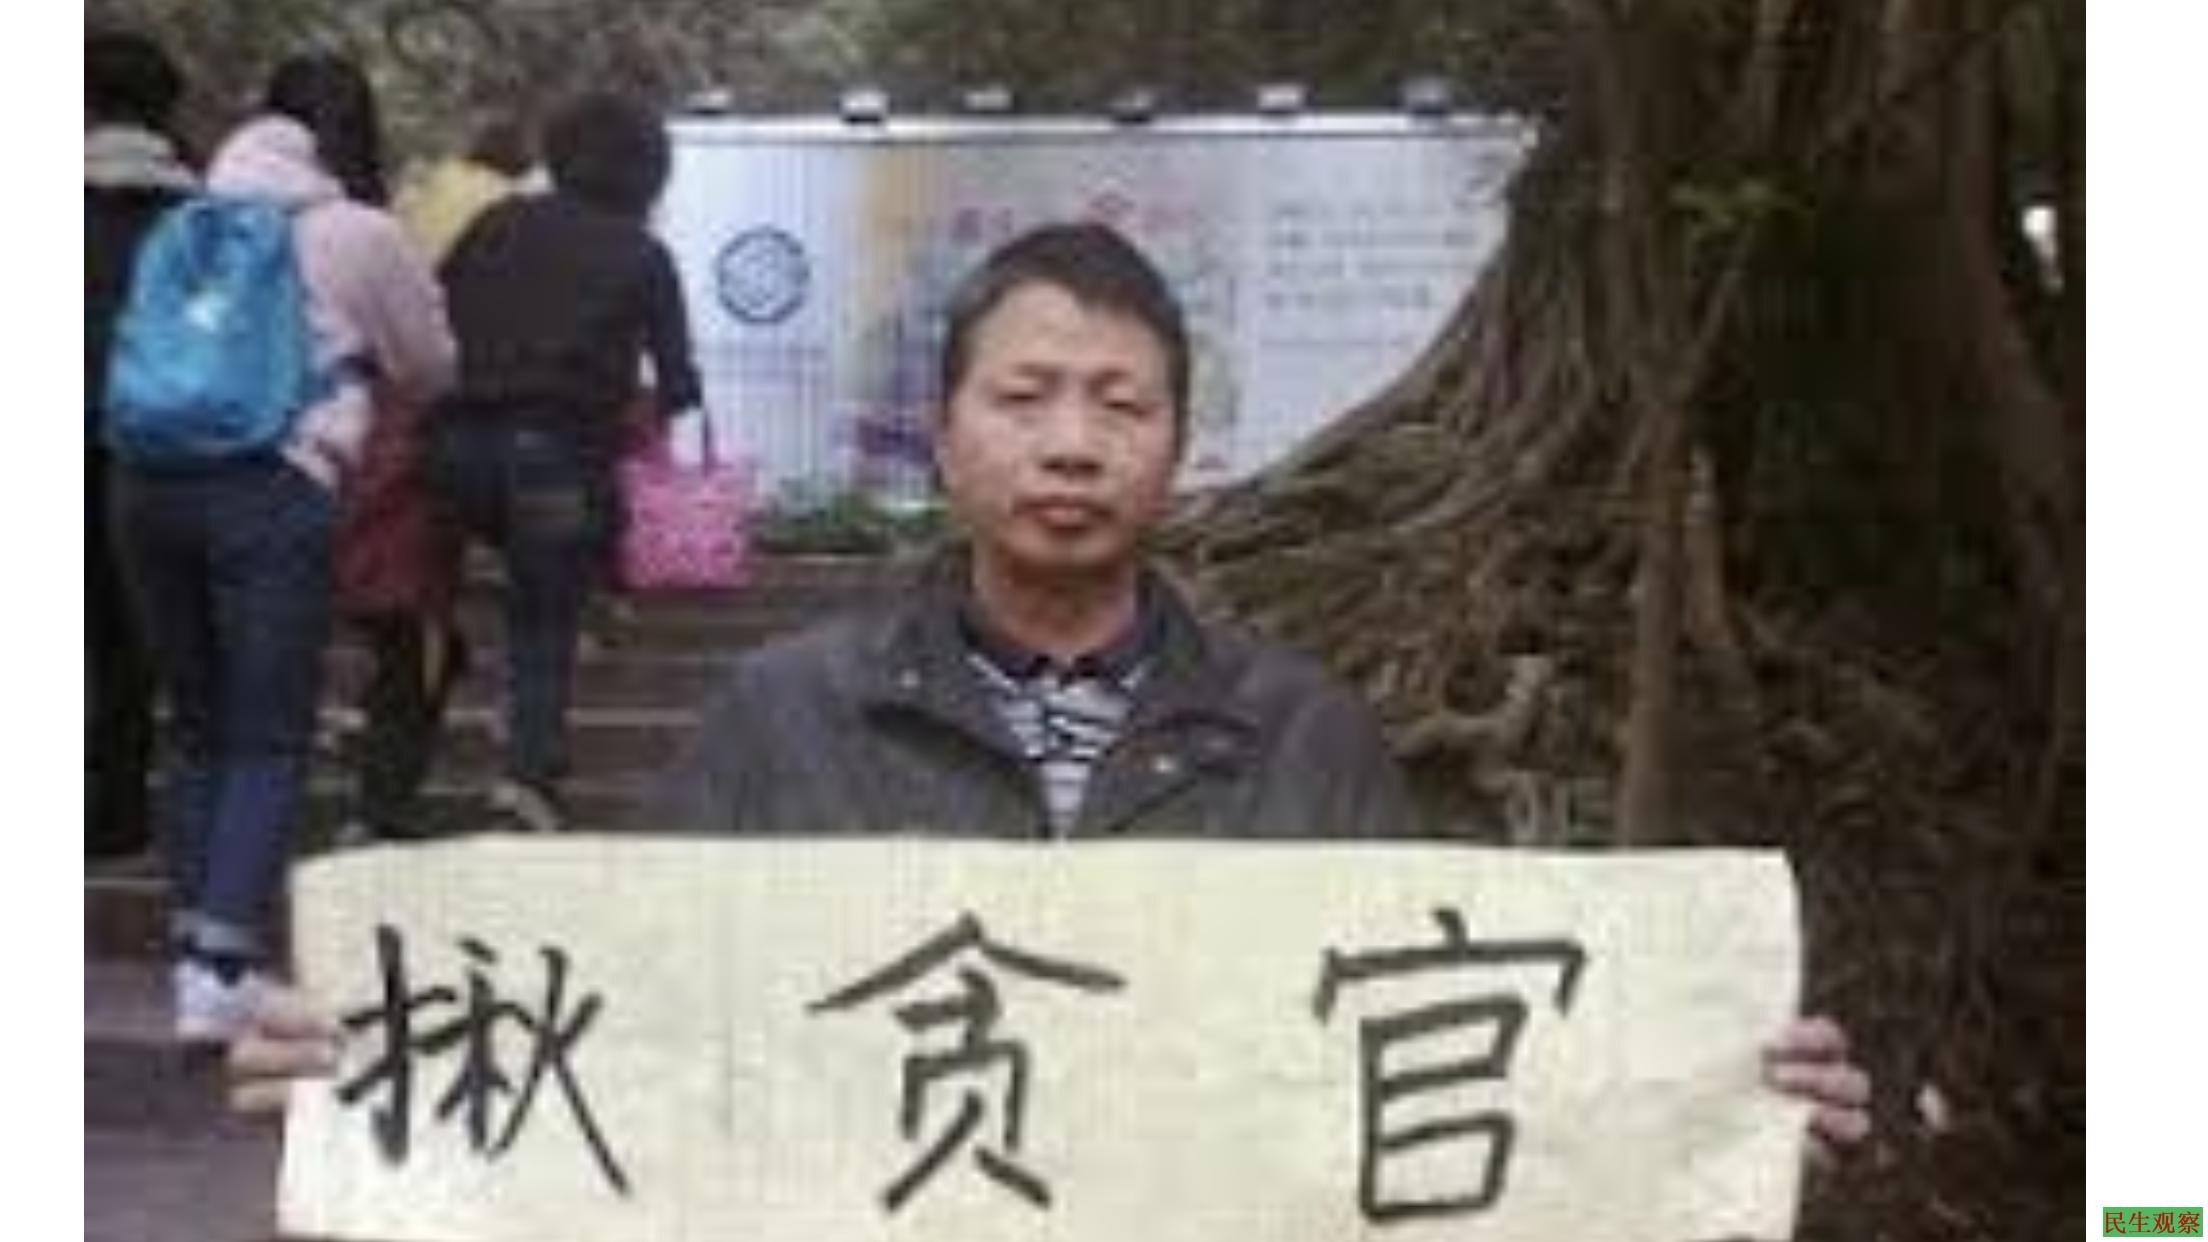 强烈抗议福建当局迫害报复维权人士